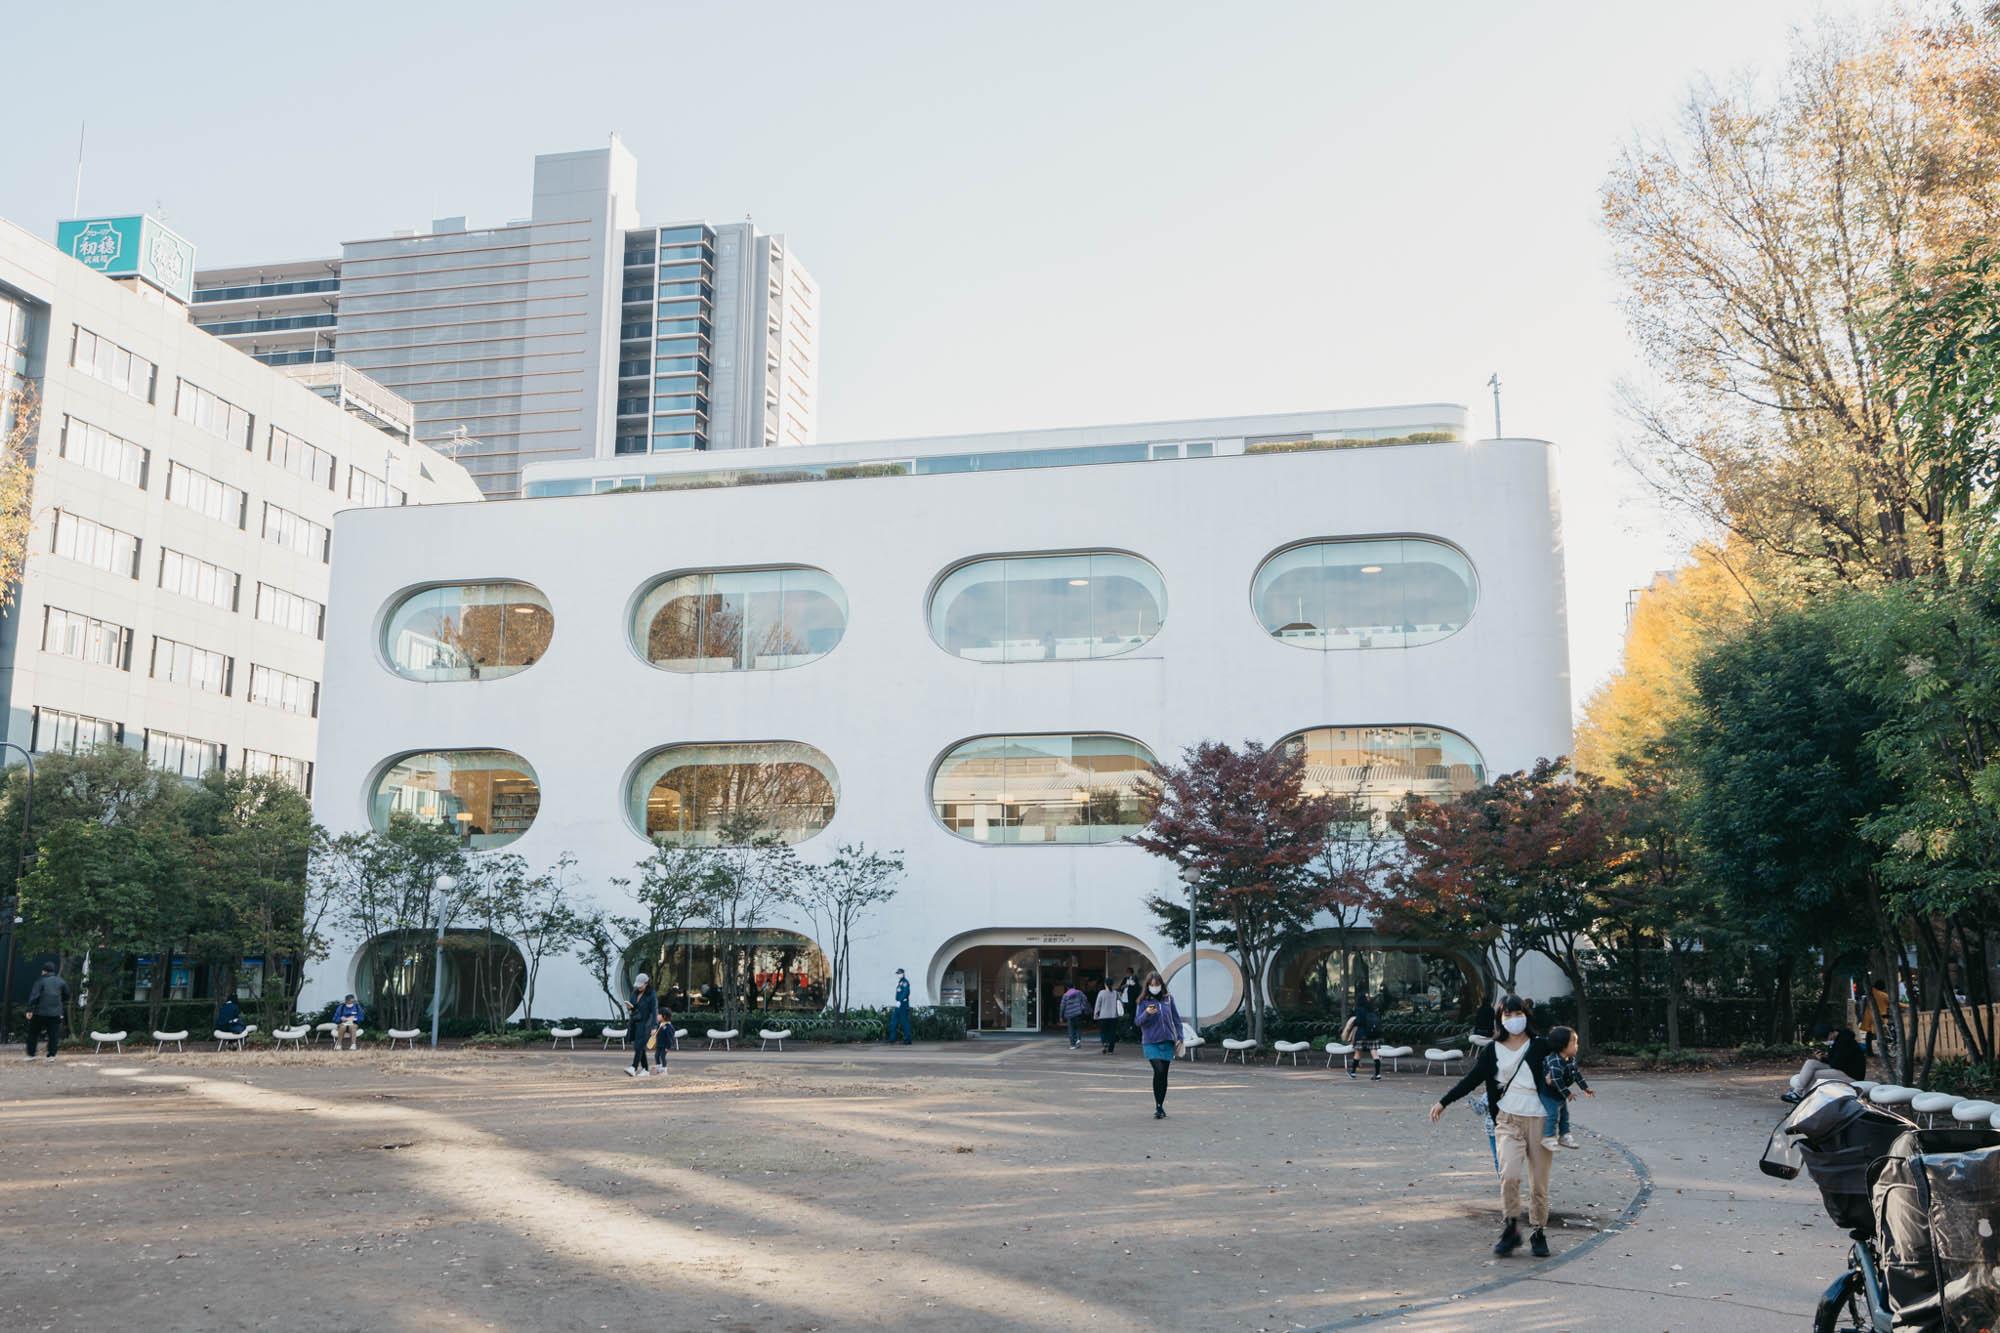 武蔵境駅の南側にある「武蔵野プレイス」は大人気の図書館。充実した託児エリアや、落ち着いて仕事のできるワーキングスペースまで備え、特に子育て世帯にはとてもありがたい施設になっています。